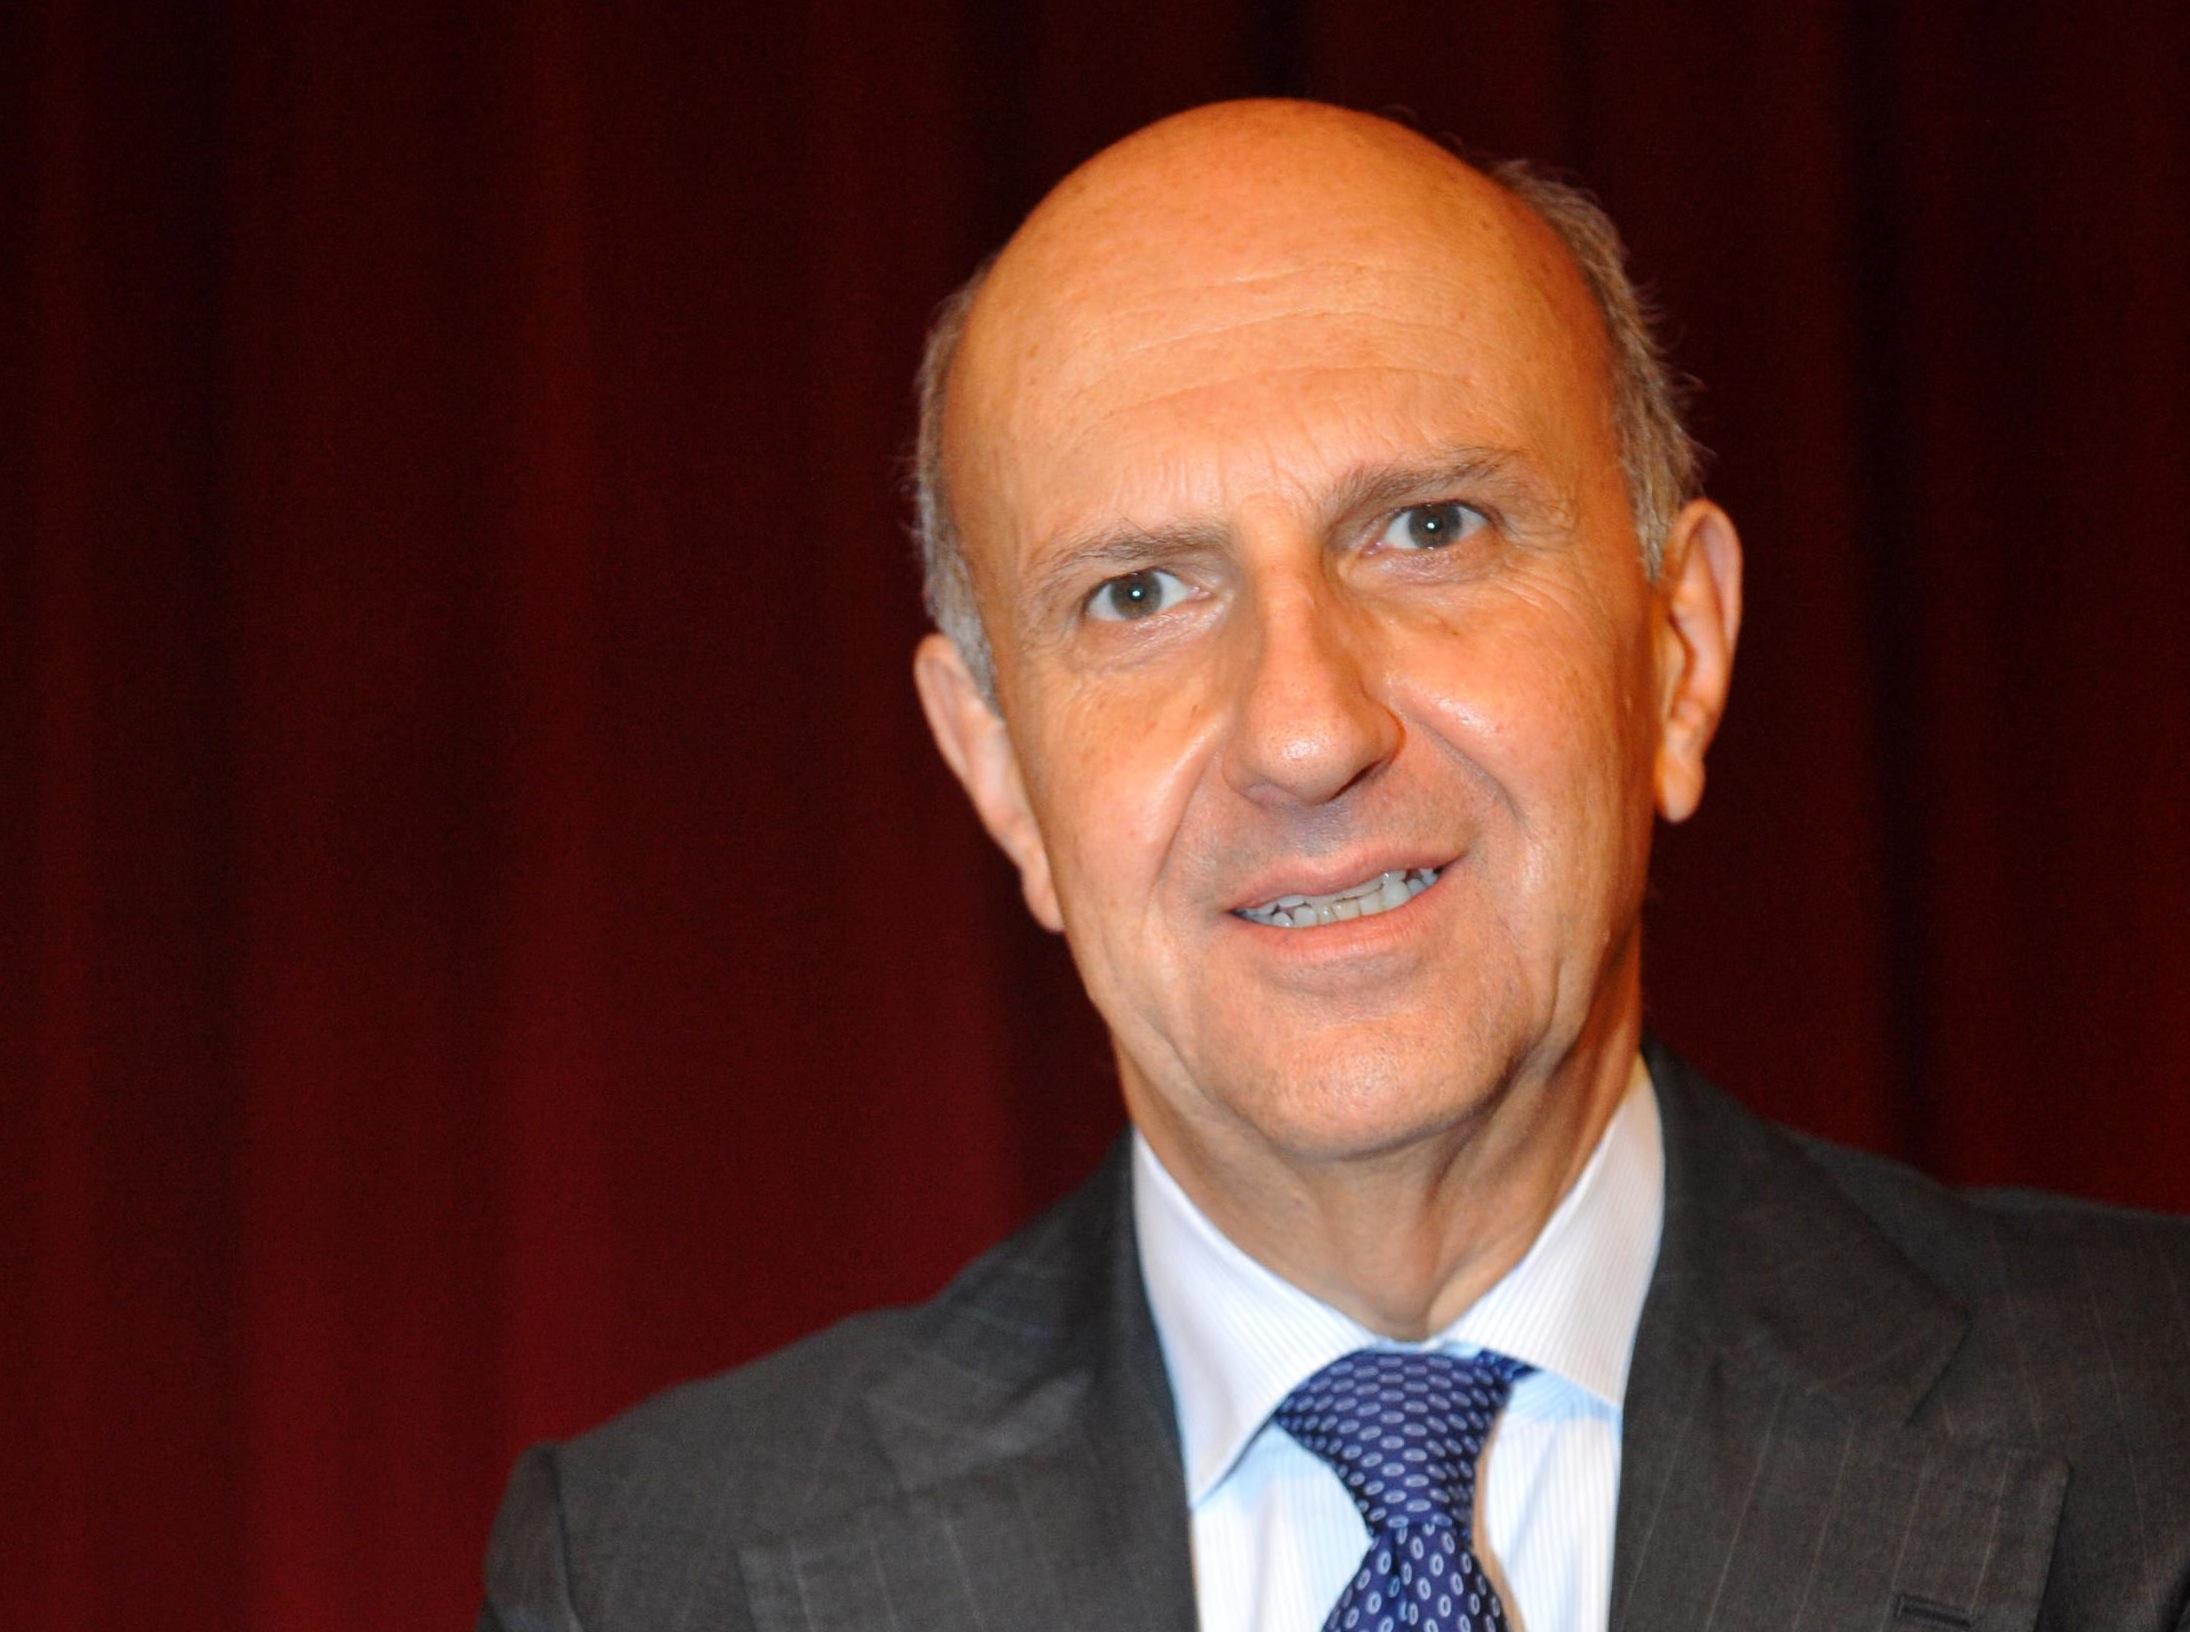 Il capo della Polizia di stato Alessandro Pansa - 25 novembre - giornata internazionale contro la violenza sulle donne